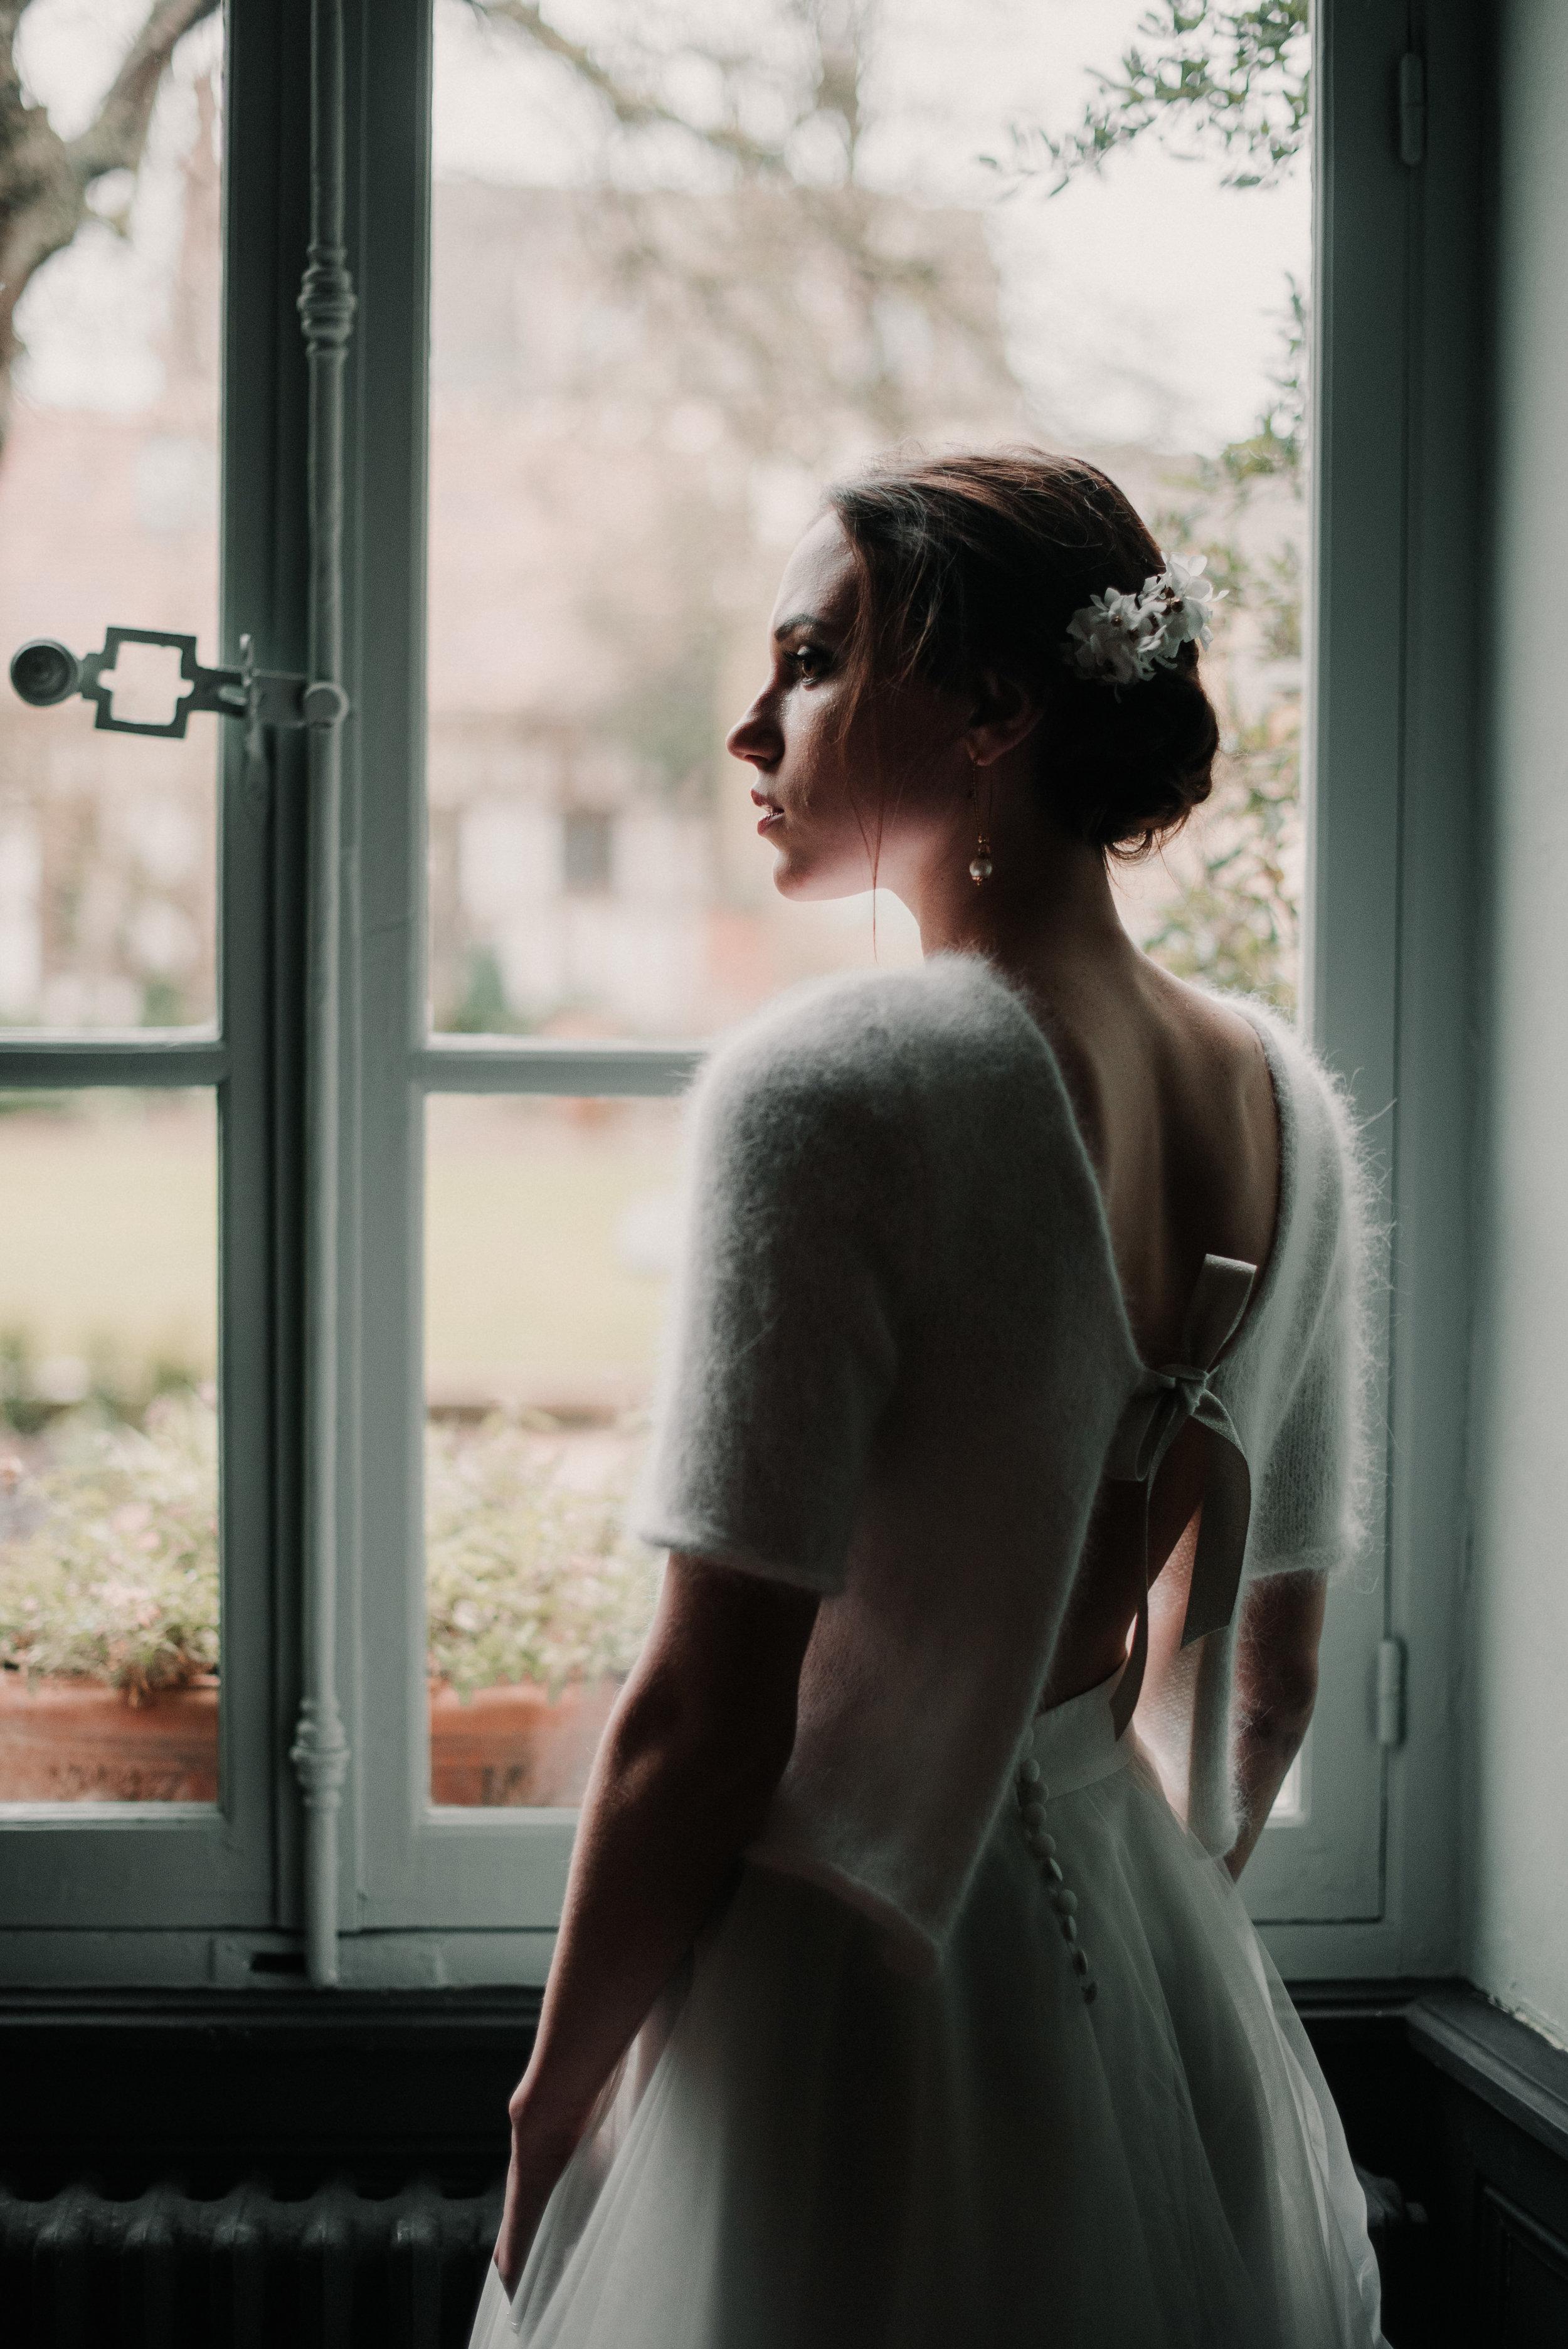 Léa-Fery-photographe-professionnel-lyon-rhone-alpes-portrait-creation-mariage-evenement-evenementiel-famille-3802.jpg